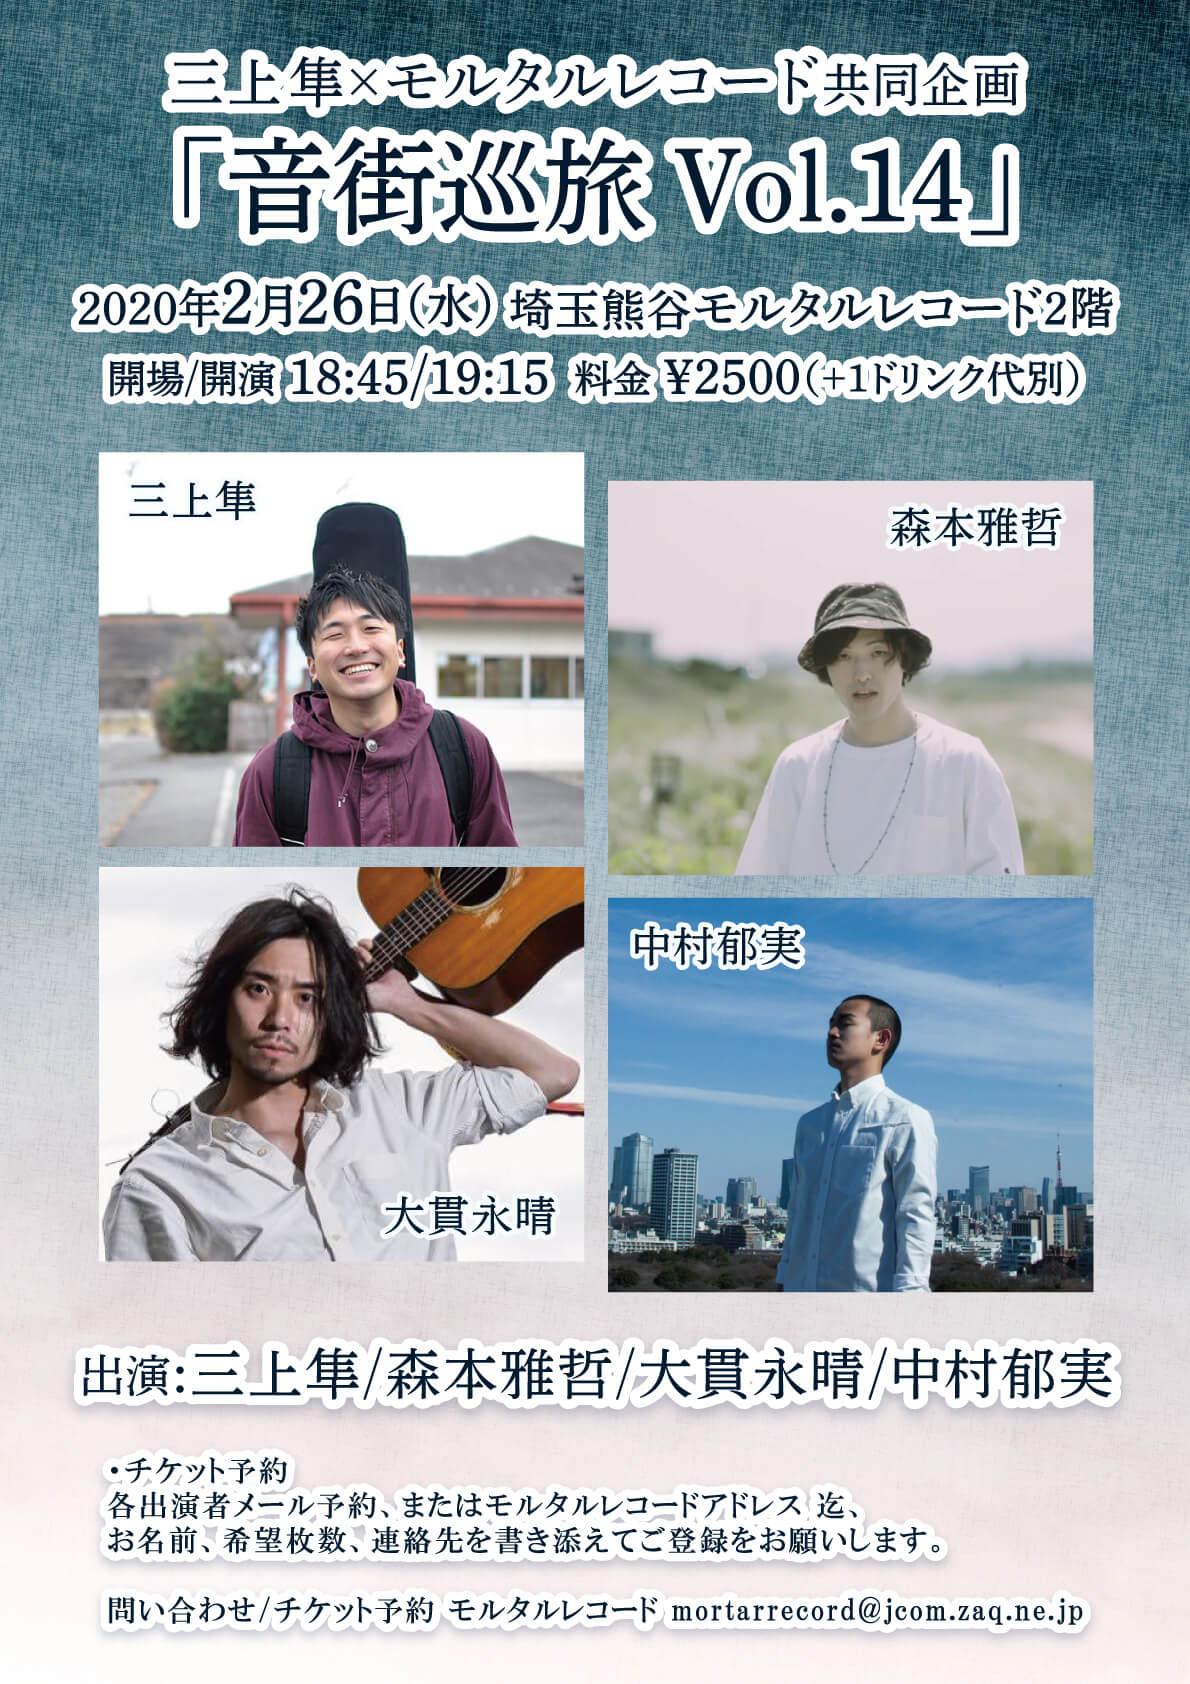 三上隼×モルタルレコード共同企画「音街巡旅 Vol.14」